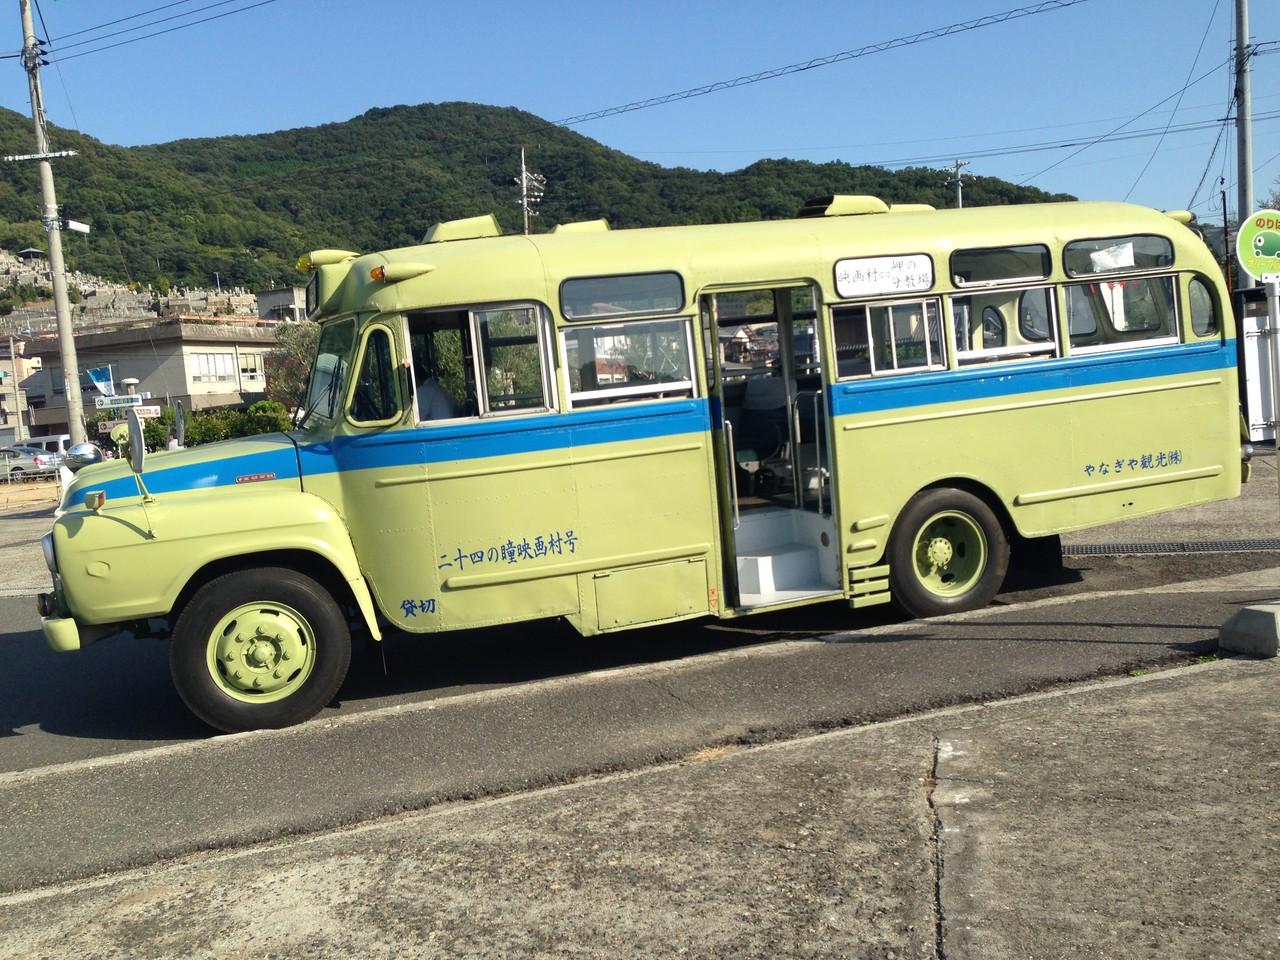 小豆島を舞台に撮られた映画「24の瞳」ツアー用のバス。